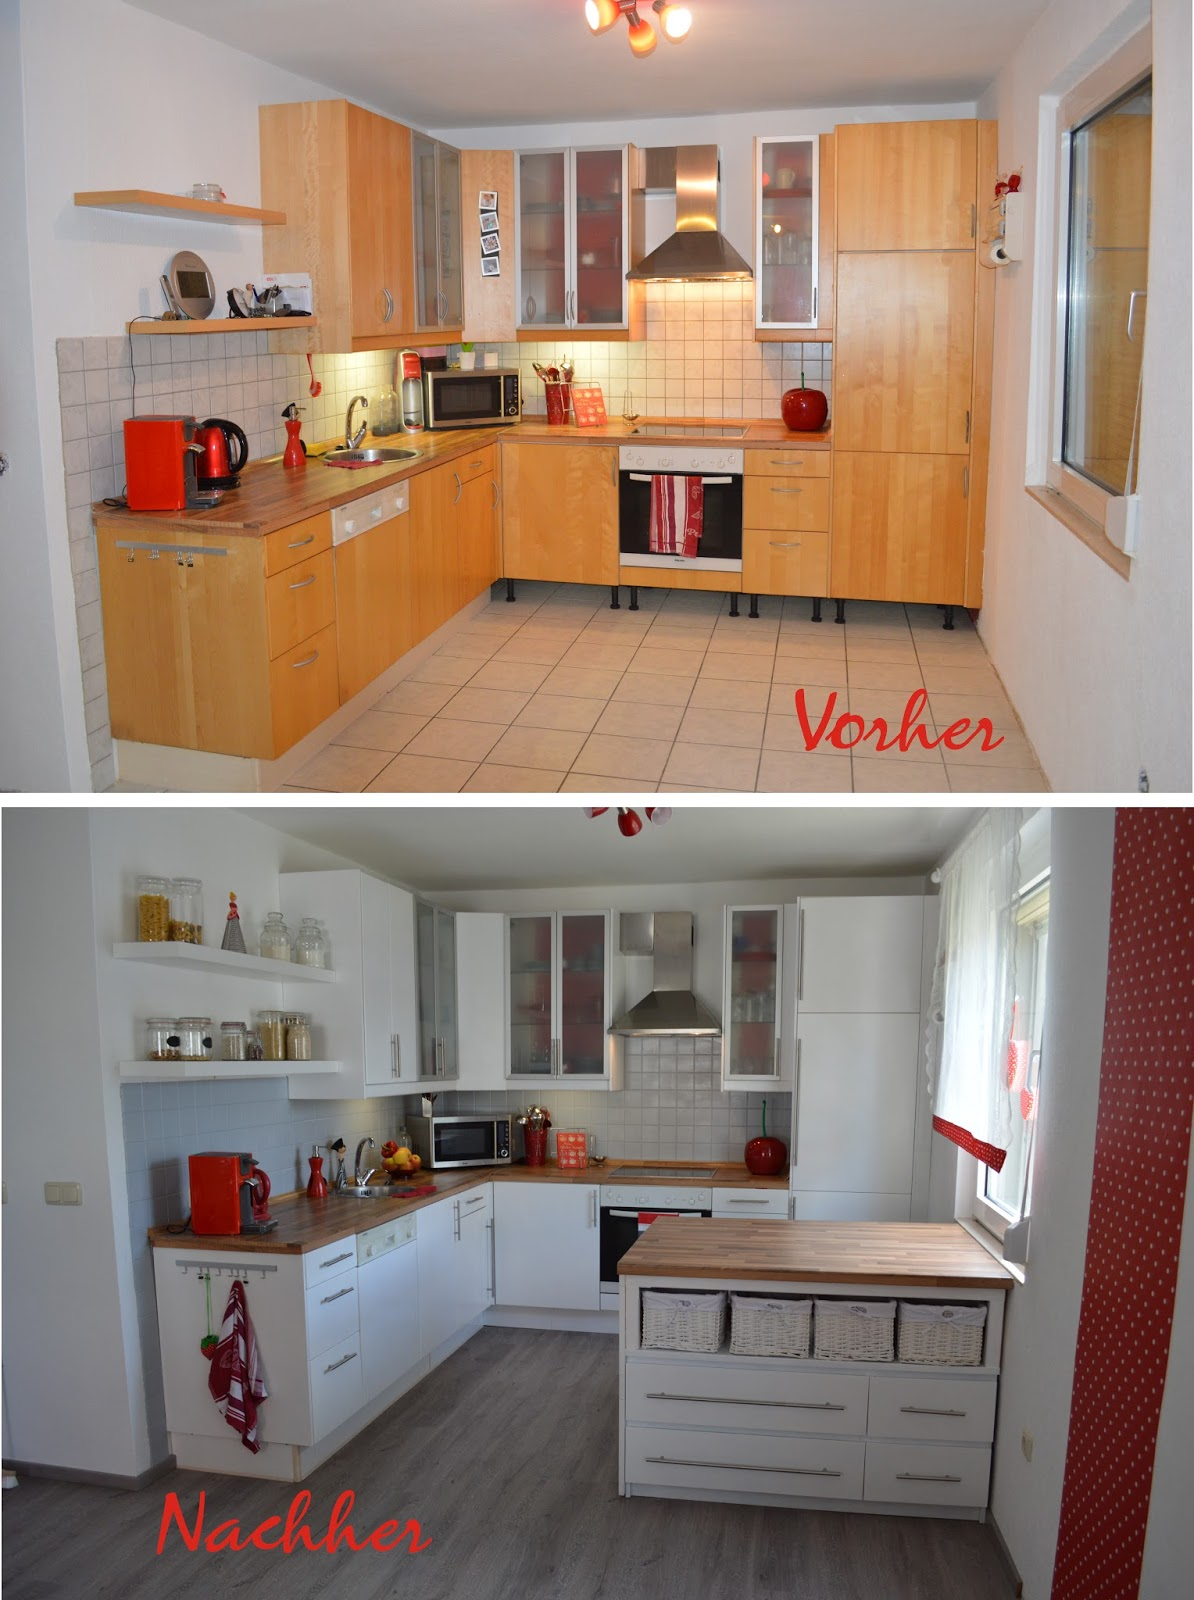 Ideenwiese: Meine alte, neue Küche